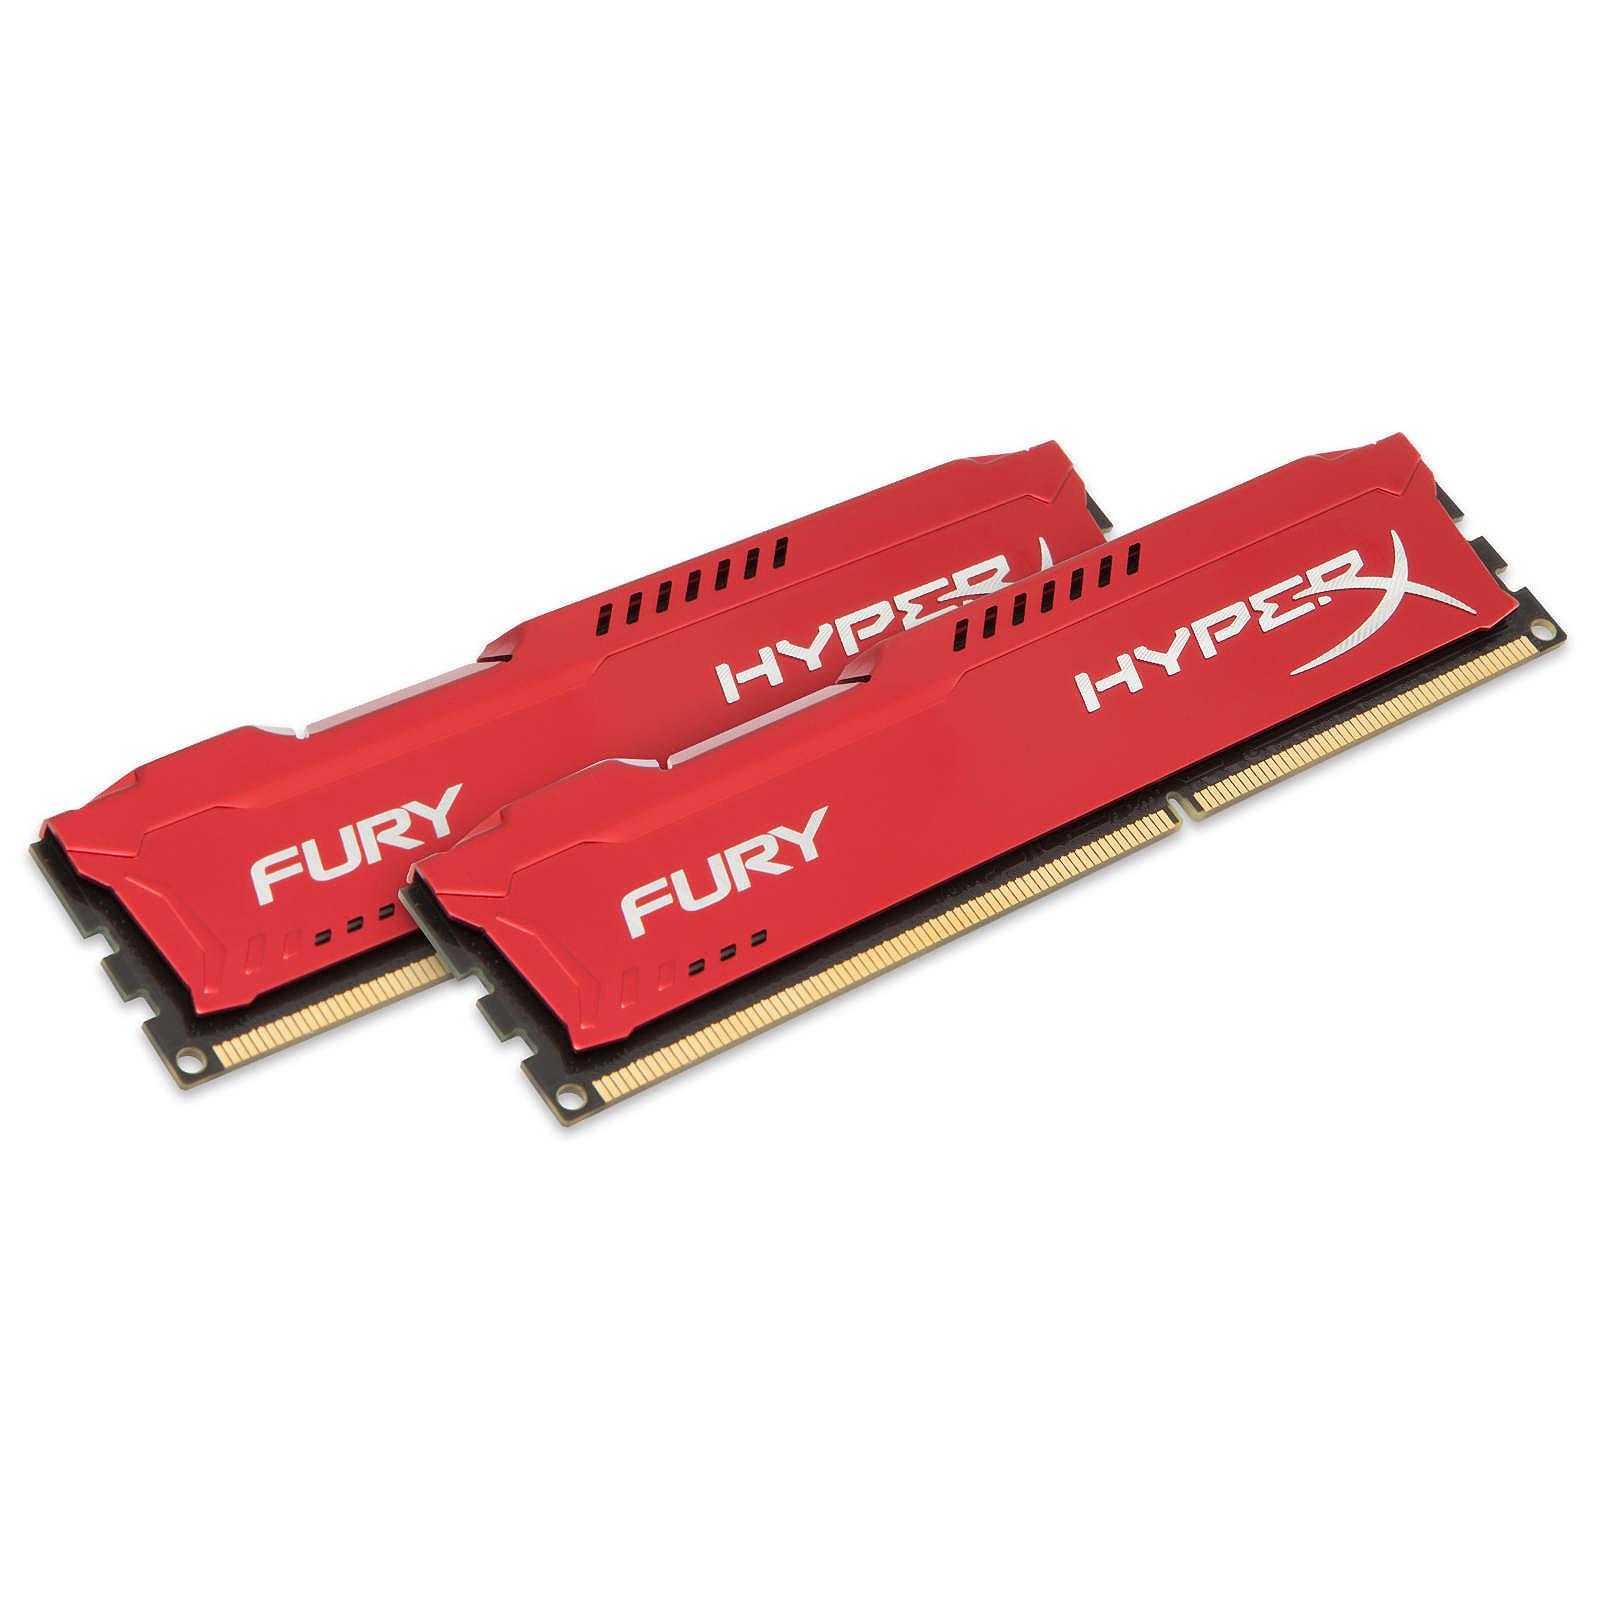 HyperX Fury 8 Go (2x 4Go) DDR3 1333 MHz CL9